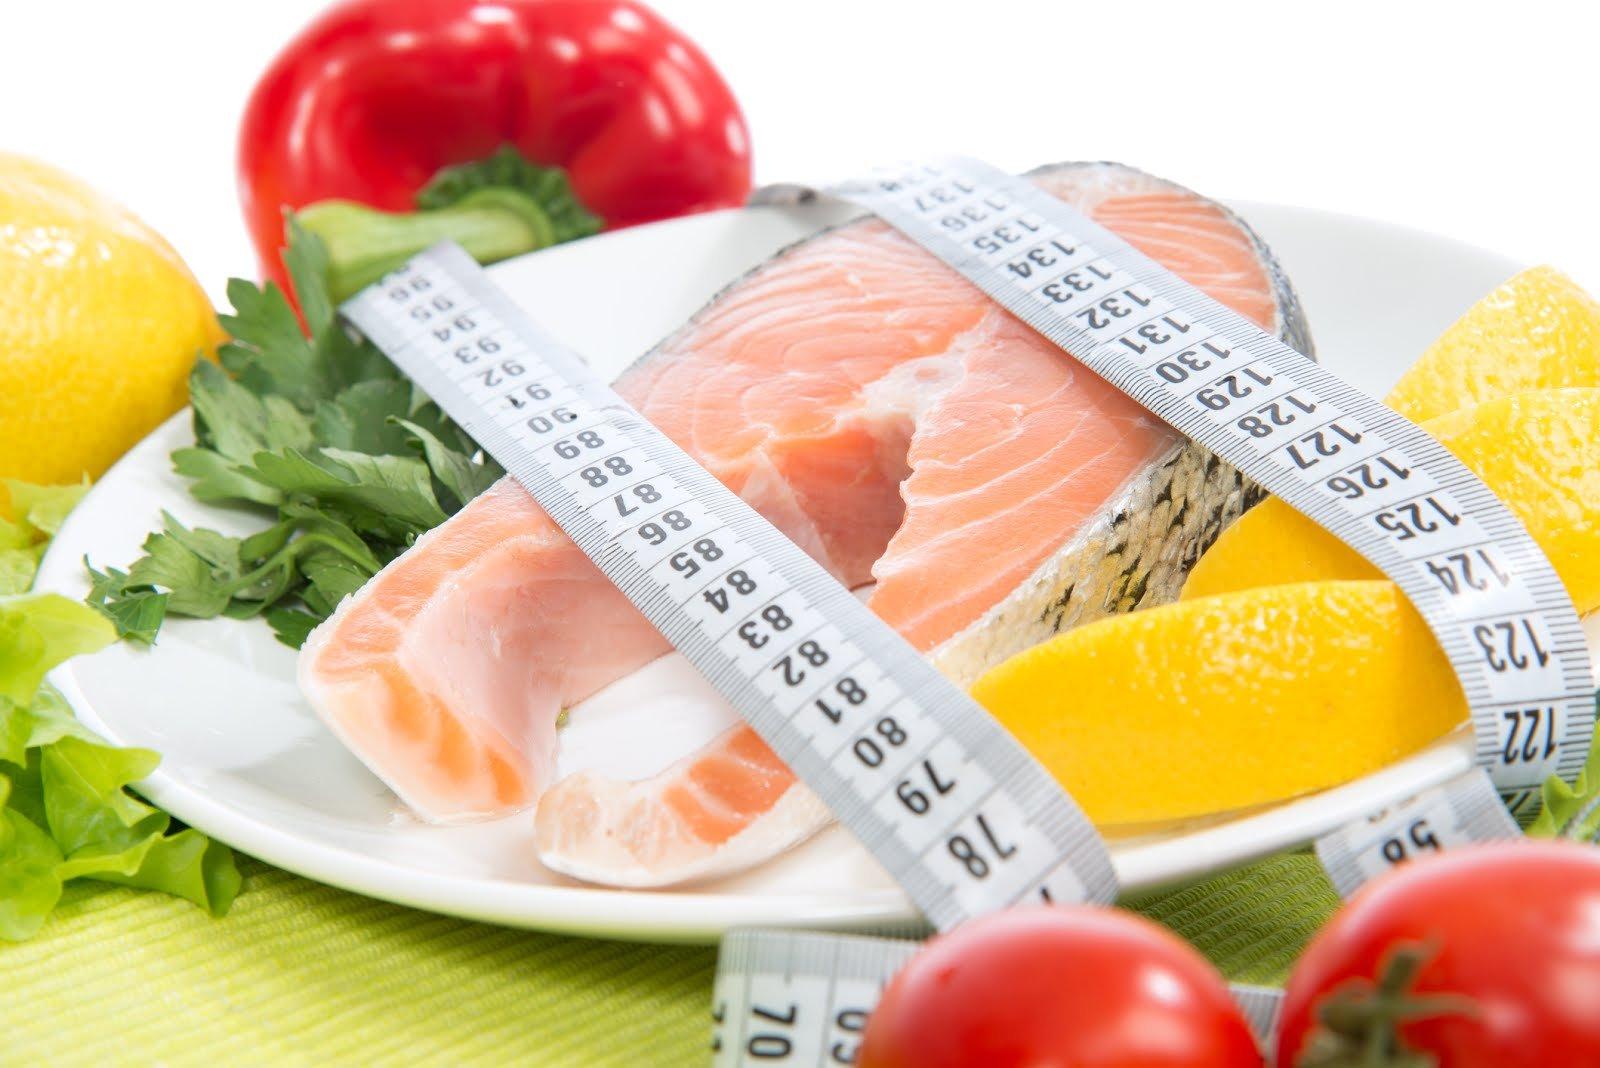 Бесплатные Быстрые Диеты. Самая эффективная диета для похудения в домашних условиях